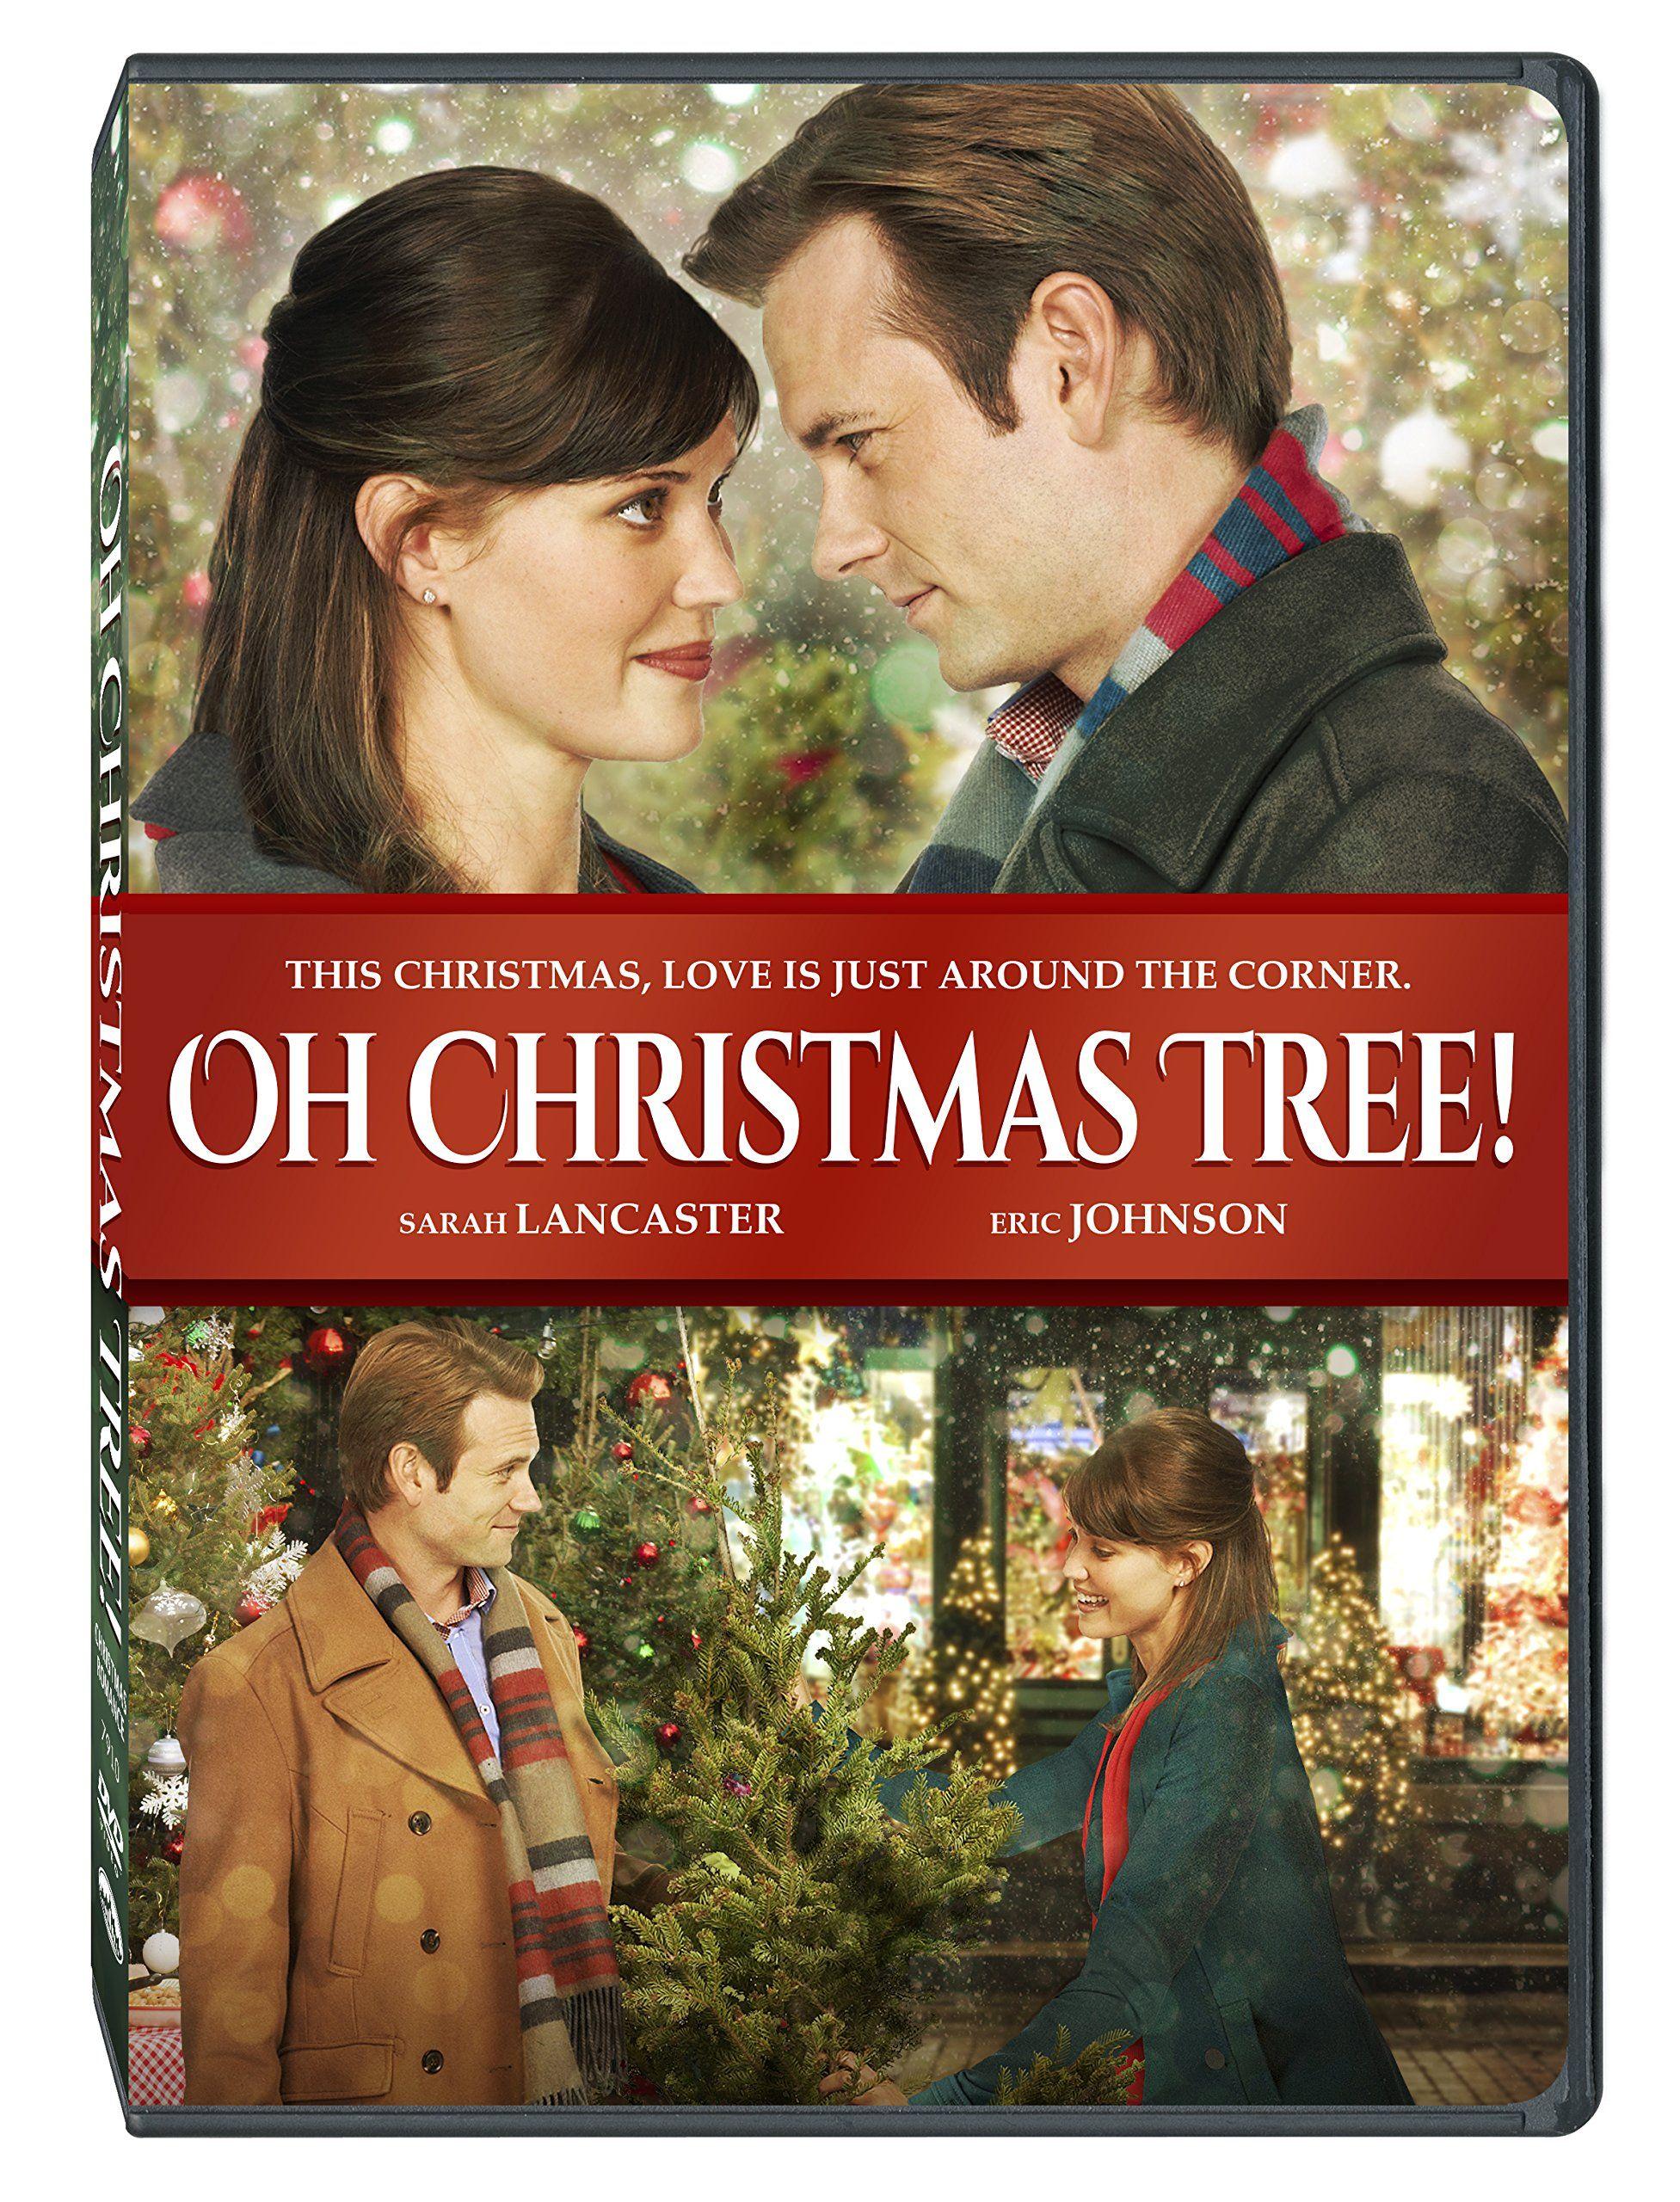 Oh Christmas Tree Hallmark Christmas Movies Christmas Movies Sarah Lancaster